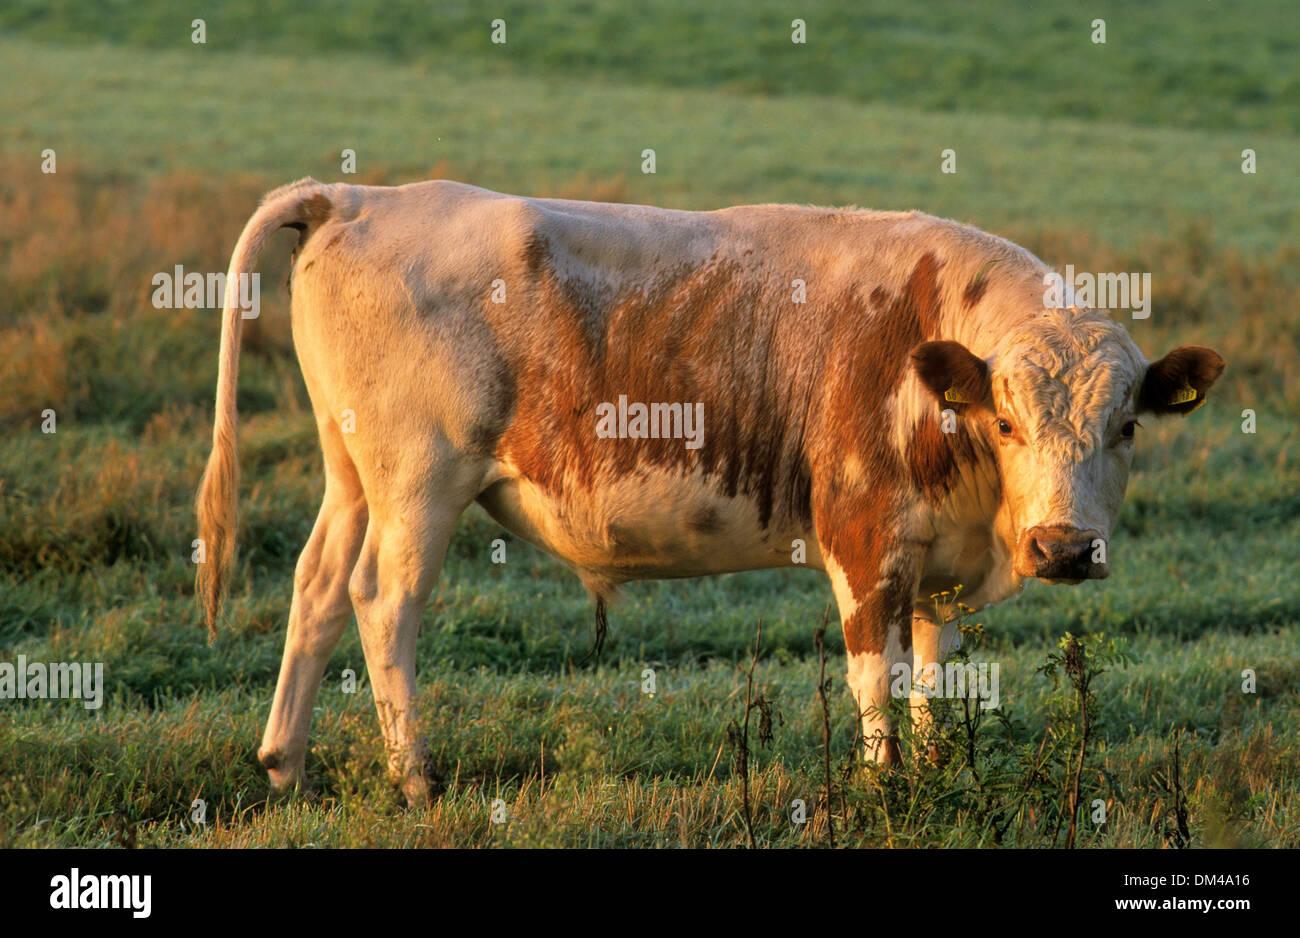 Fell beef, Swedish mountain cow, Fjällko, Fjäll-Rind, Schwedische Bergkuh, Fjällko - Stock Image